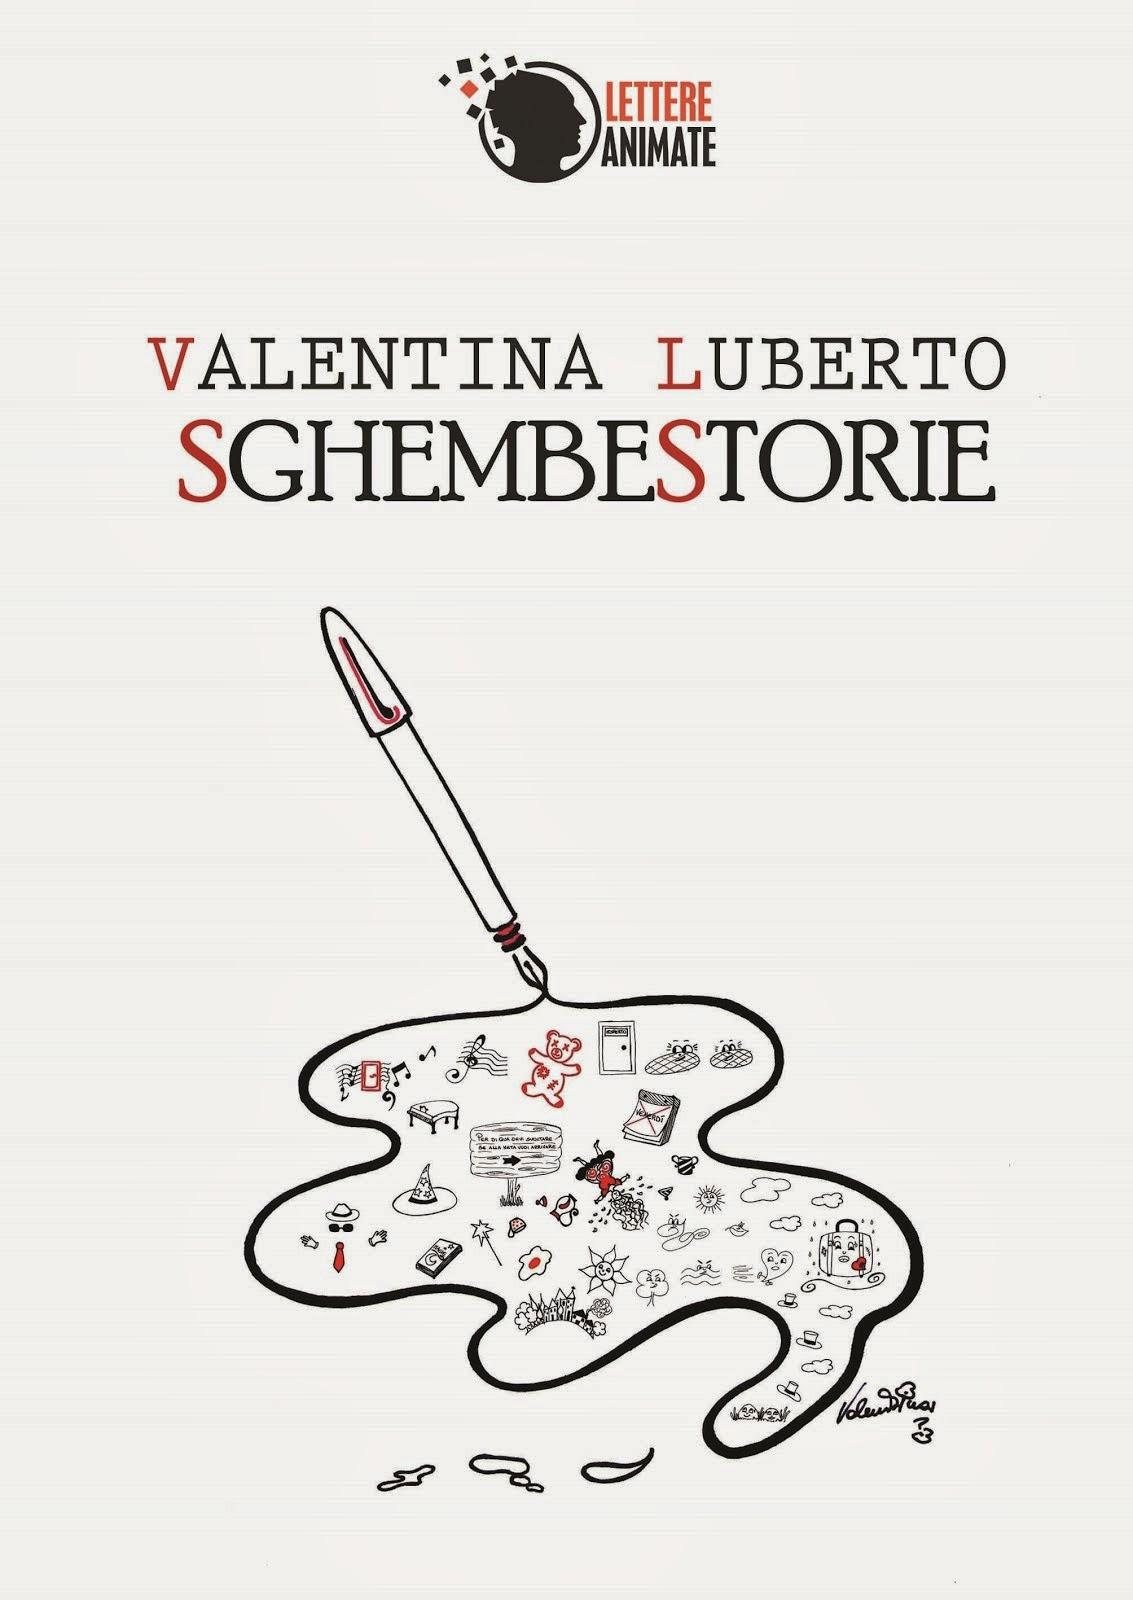 SGHEMBESTORIE, il mio libro